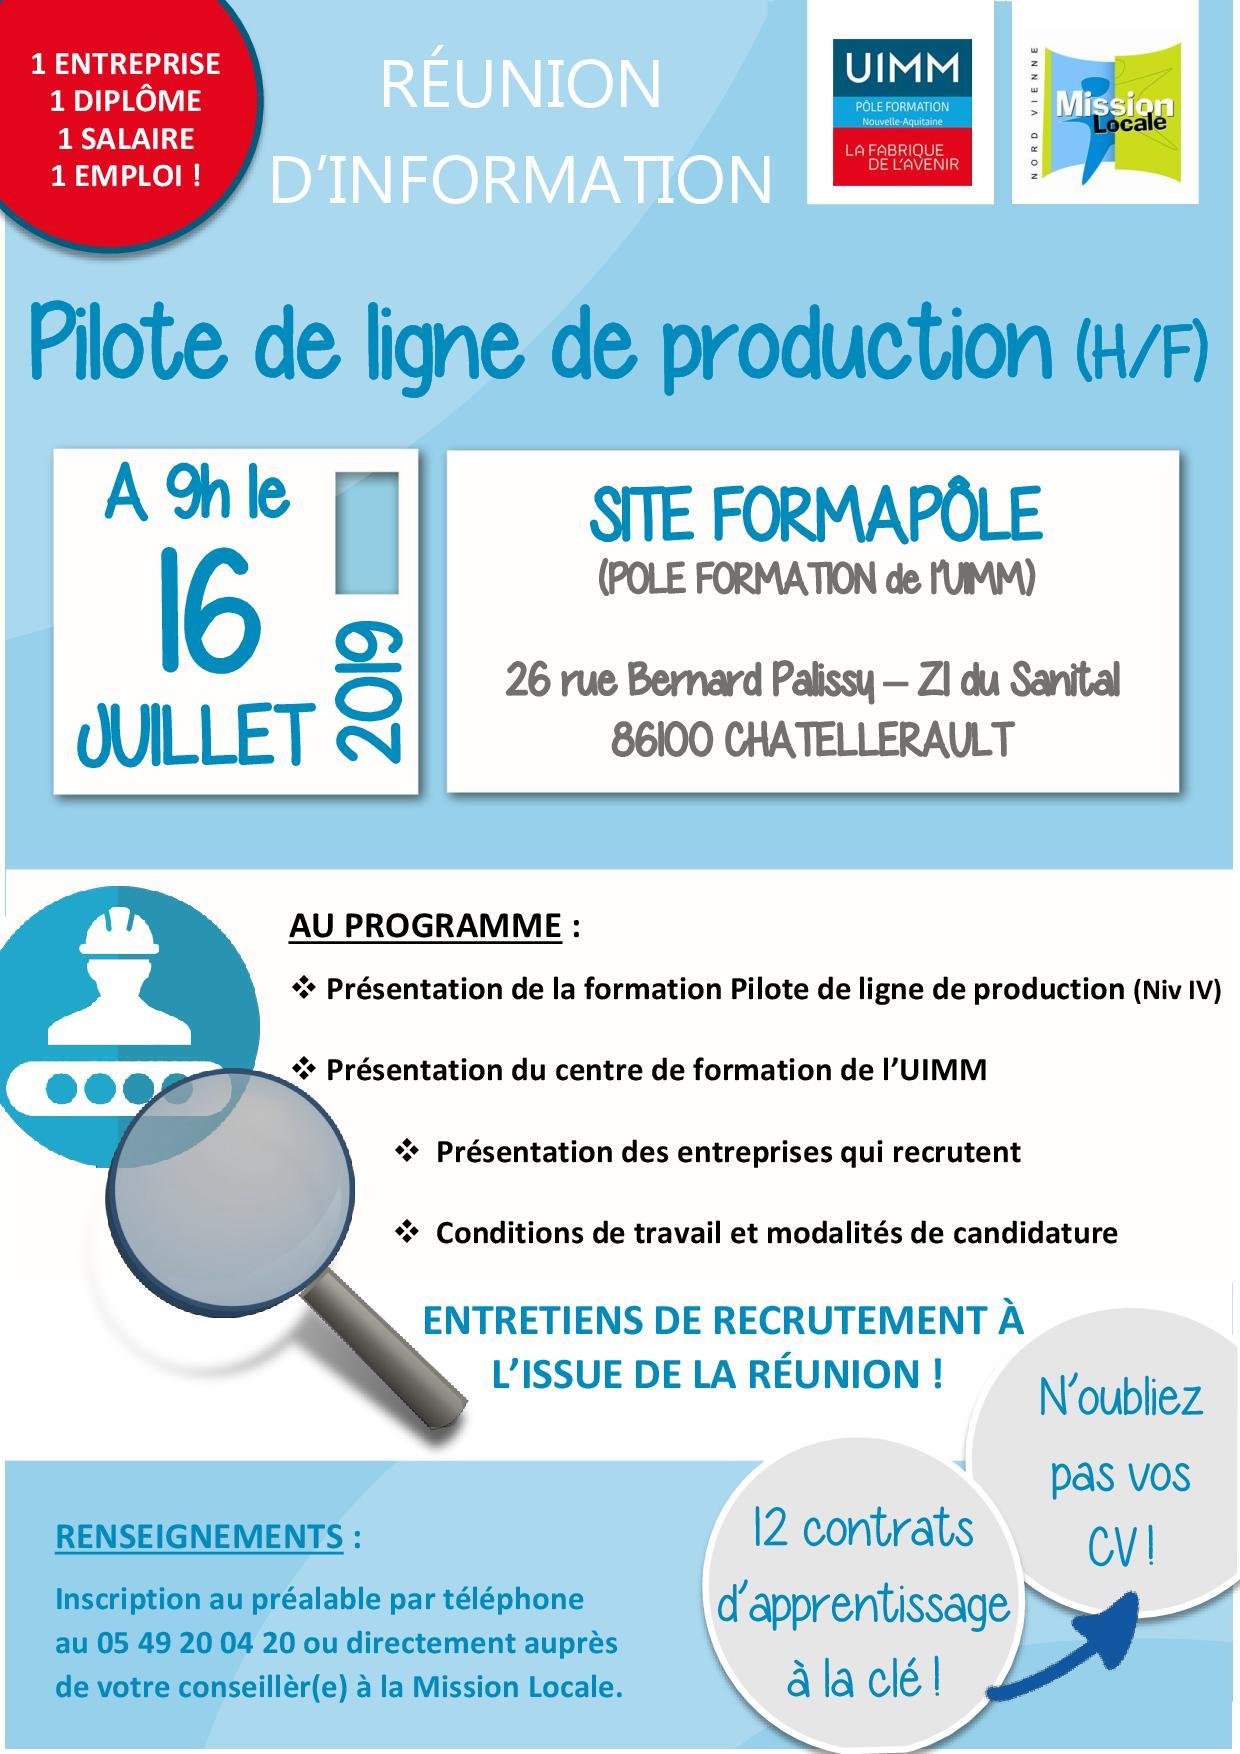 RÉUNION D'INFORMATION : PILOTE DE LIGNE DE PRODUCTION (H/F) avec l'UIMM, 16/07/2019